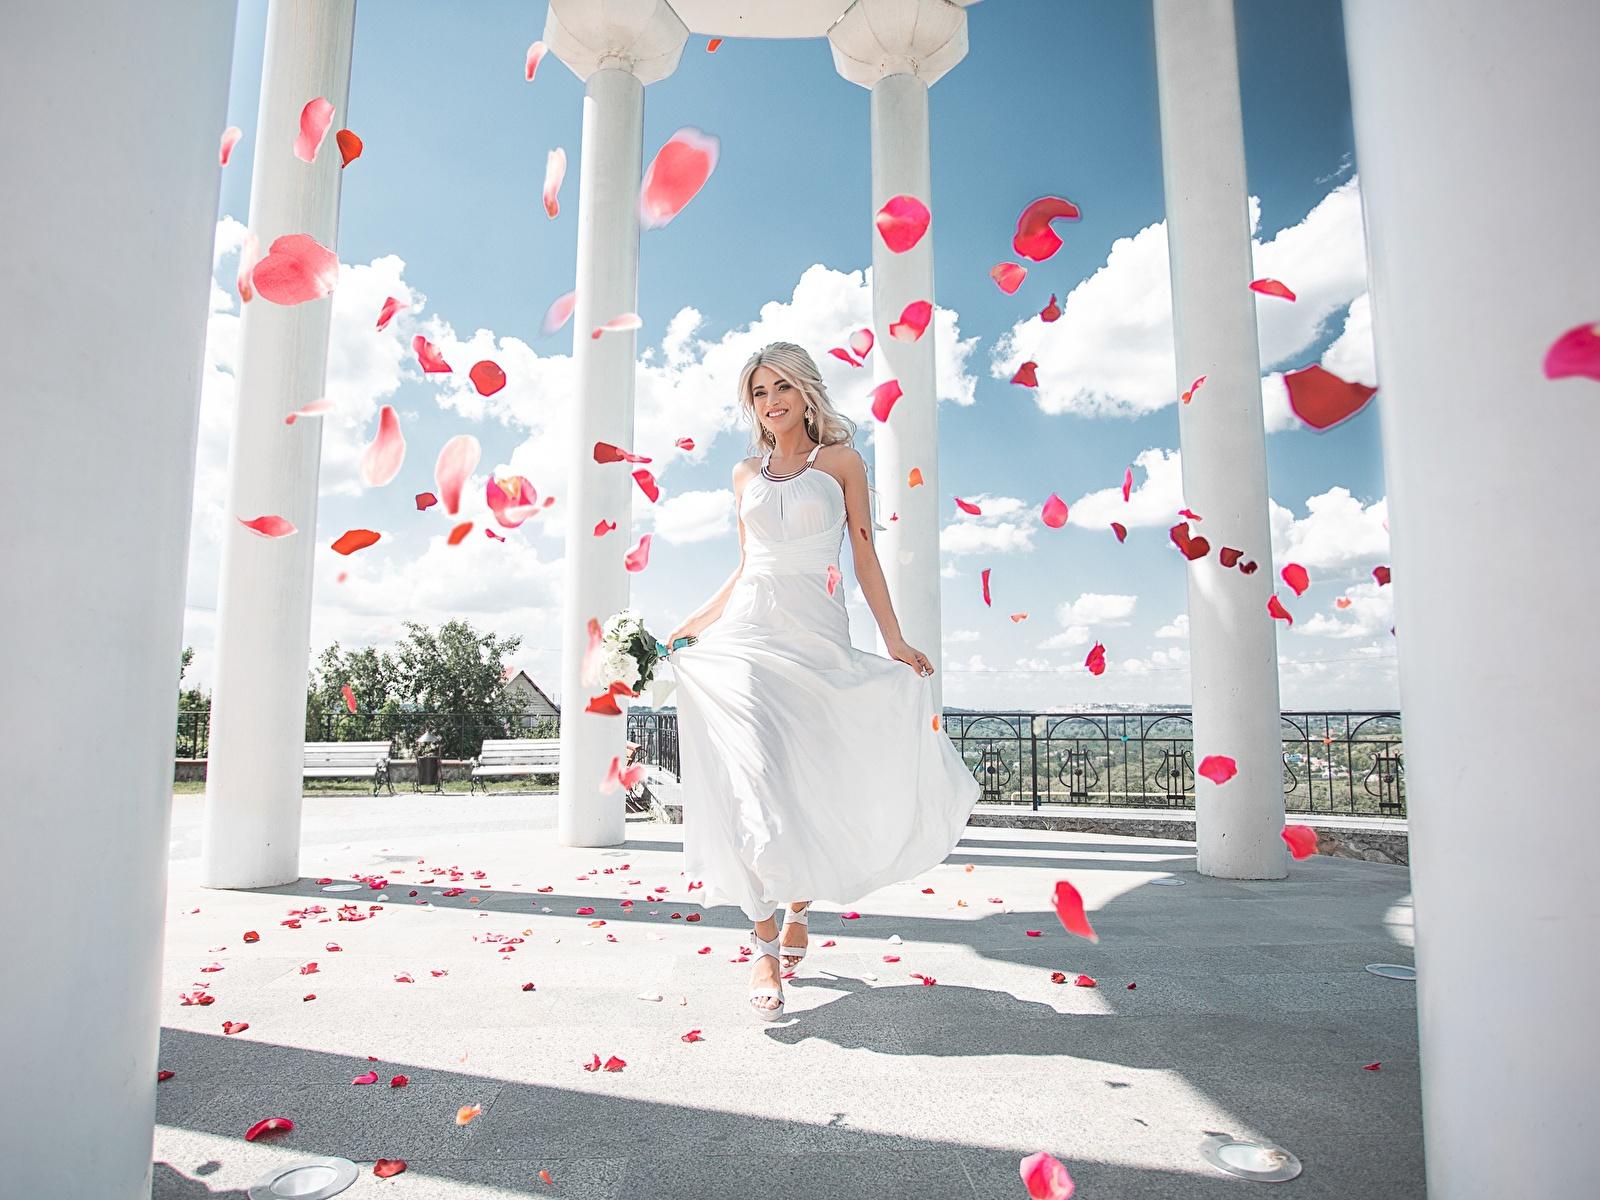 Фото колонны Maxim Tumanov Девушки Лепестки платья 1600x1200 Колонна девушка лепестков молодые женщины молодая женщина Платье